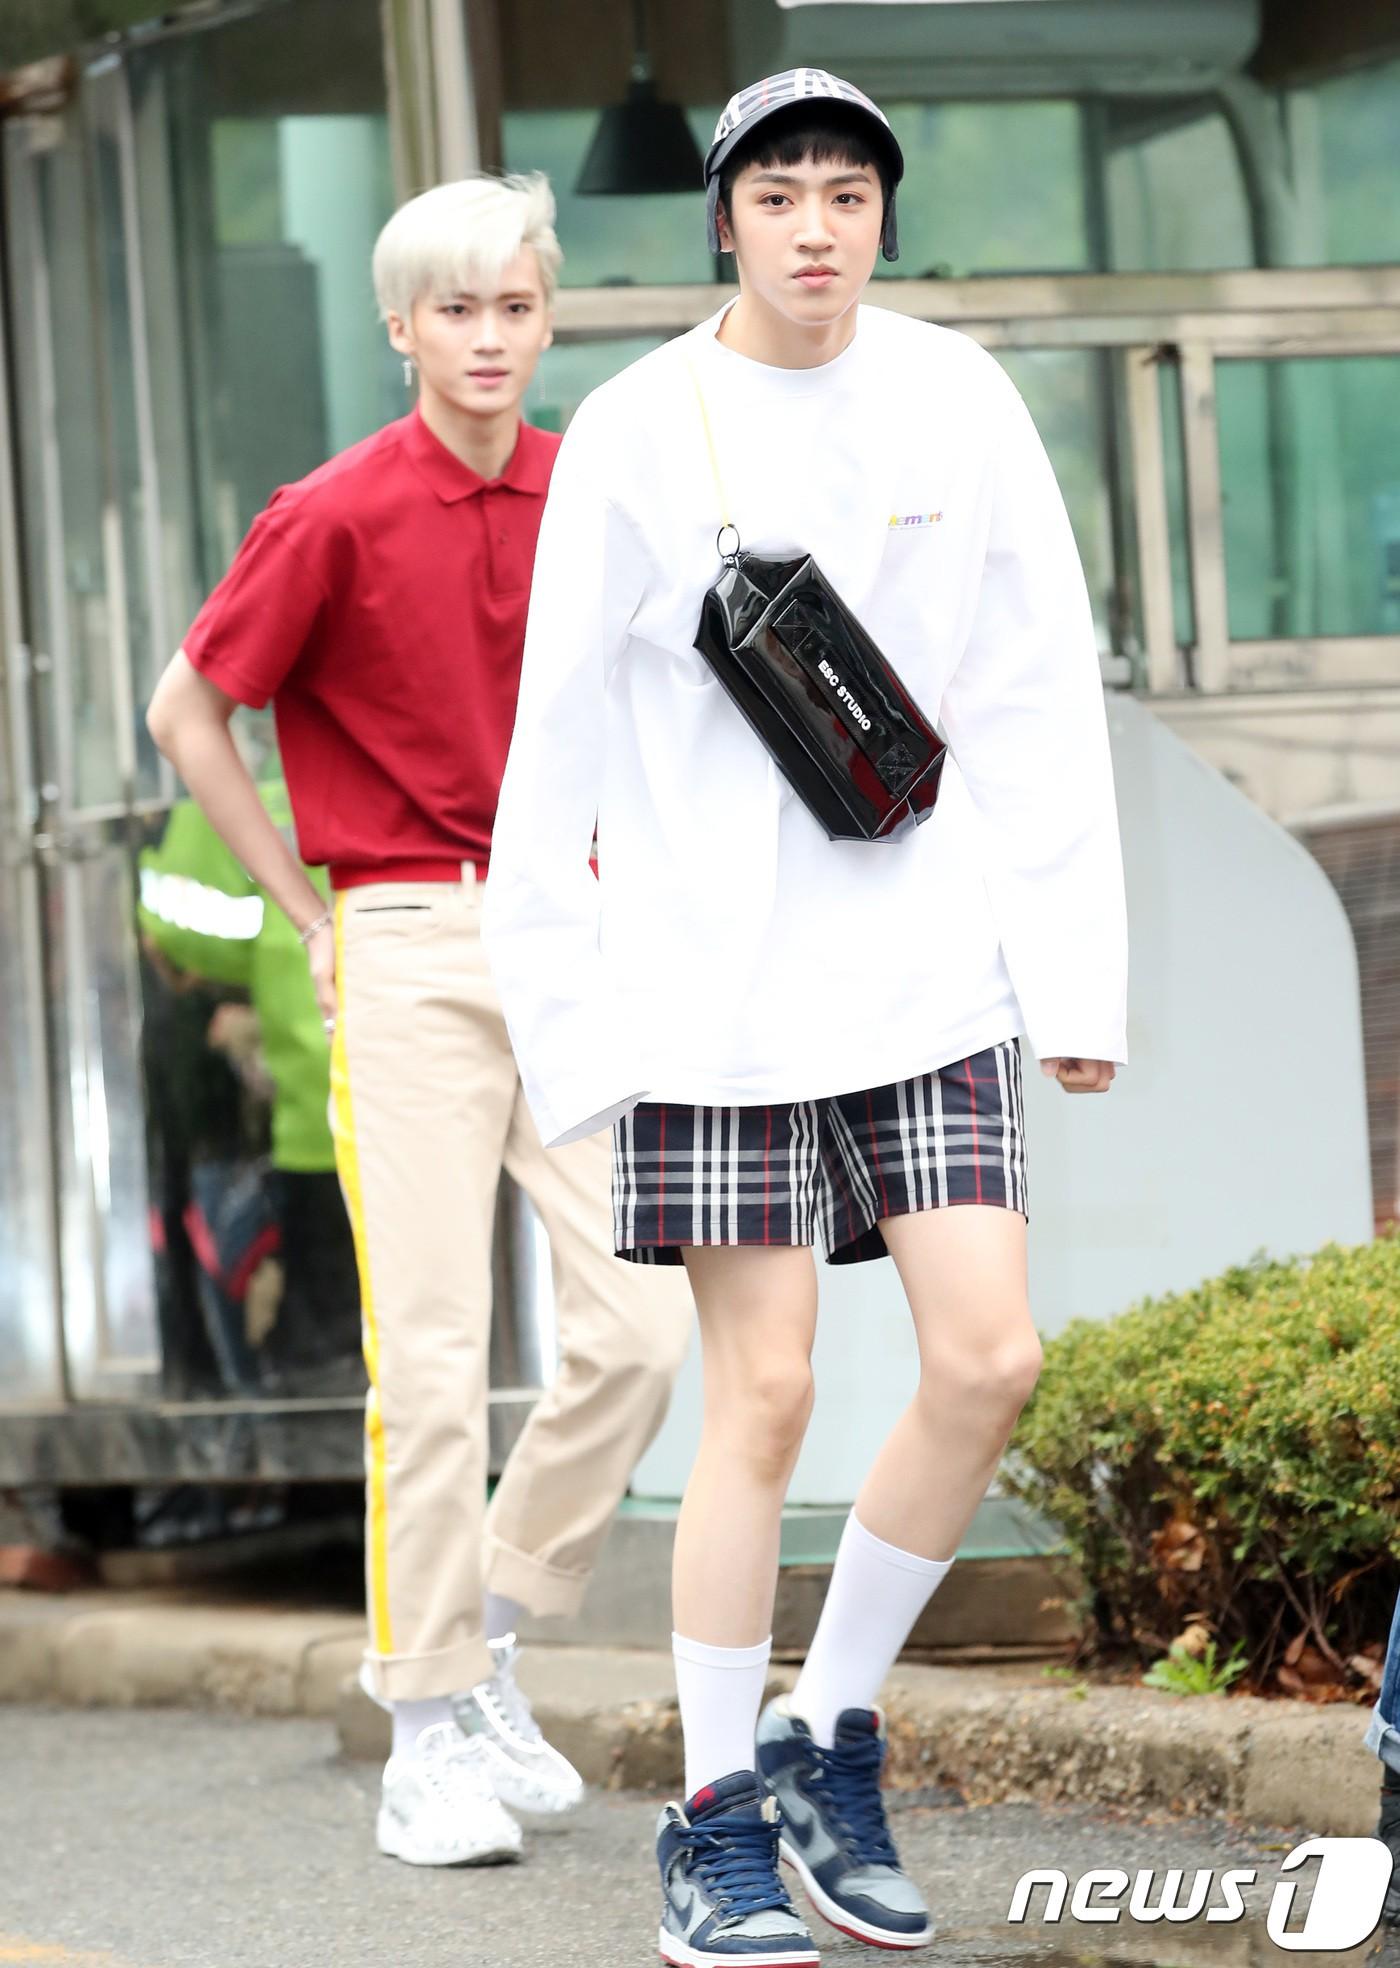 Tiên cảnh hoa anh đào tại Hàn: Mỹ nhân Hani chiếm hết spotlight, Wanna One xuất hiện cùng quân đoàn mỹ nam - Ảnh 32.